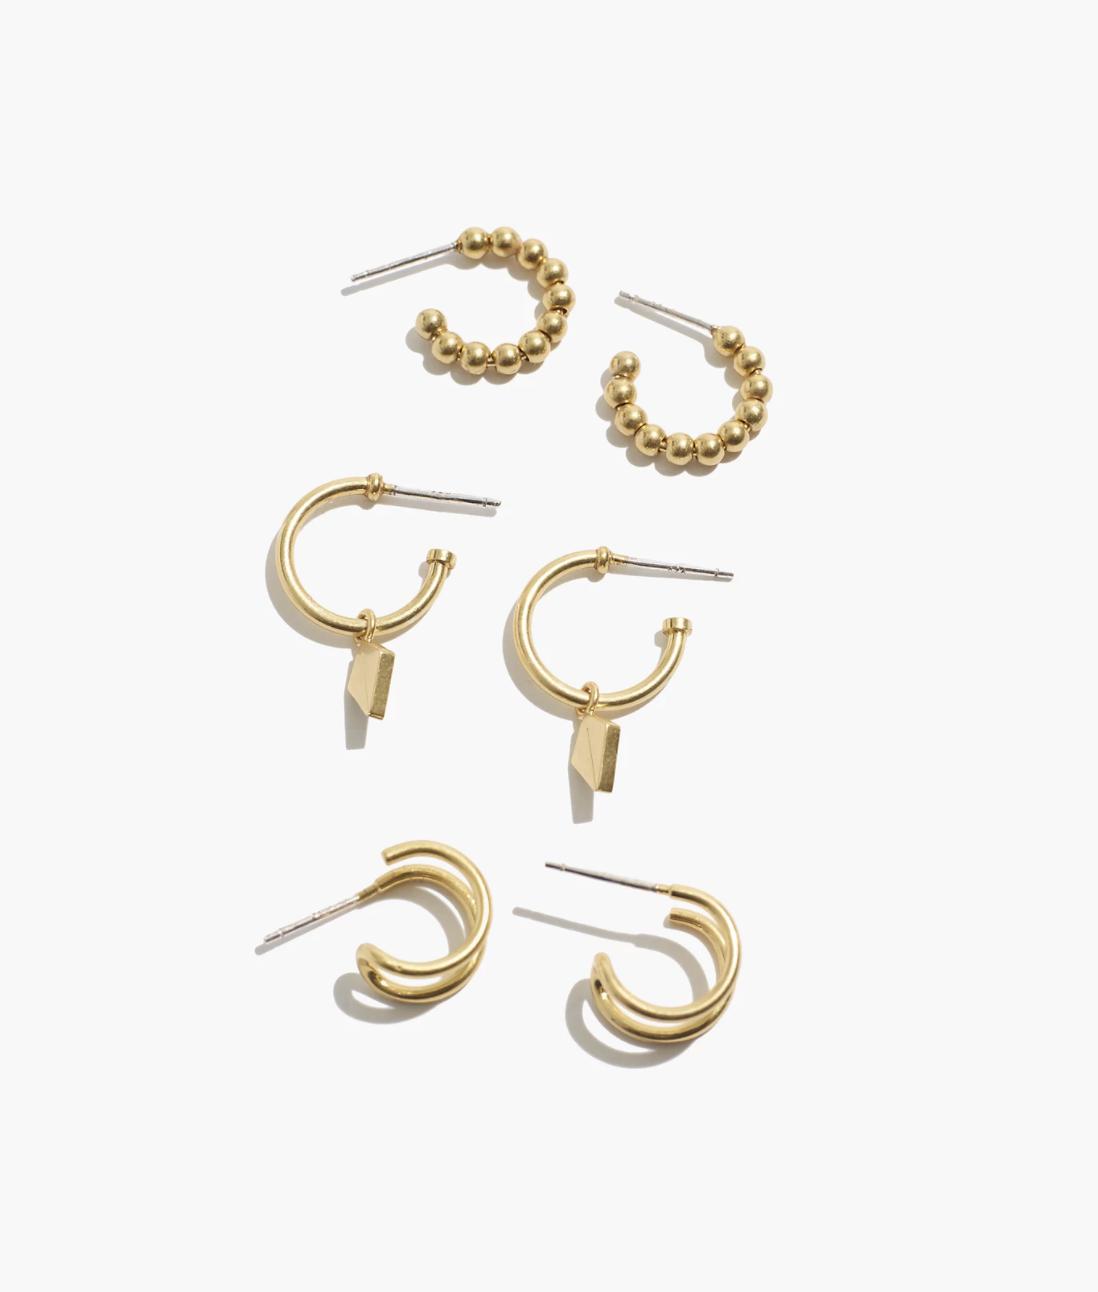 Stone Earrings Beaded Hoops Gift Ideas Gift For Her Hoop Earrings Handmade Jewelry Stone Jewelry Earthy Earrings Boho Jewelry